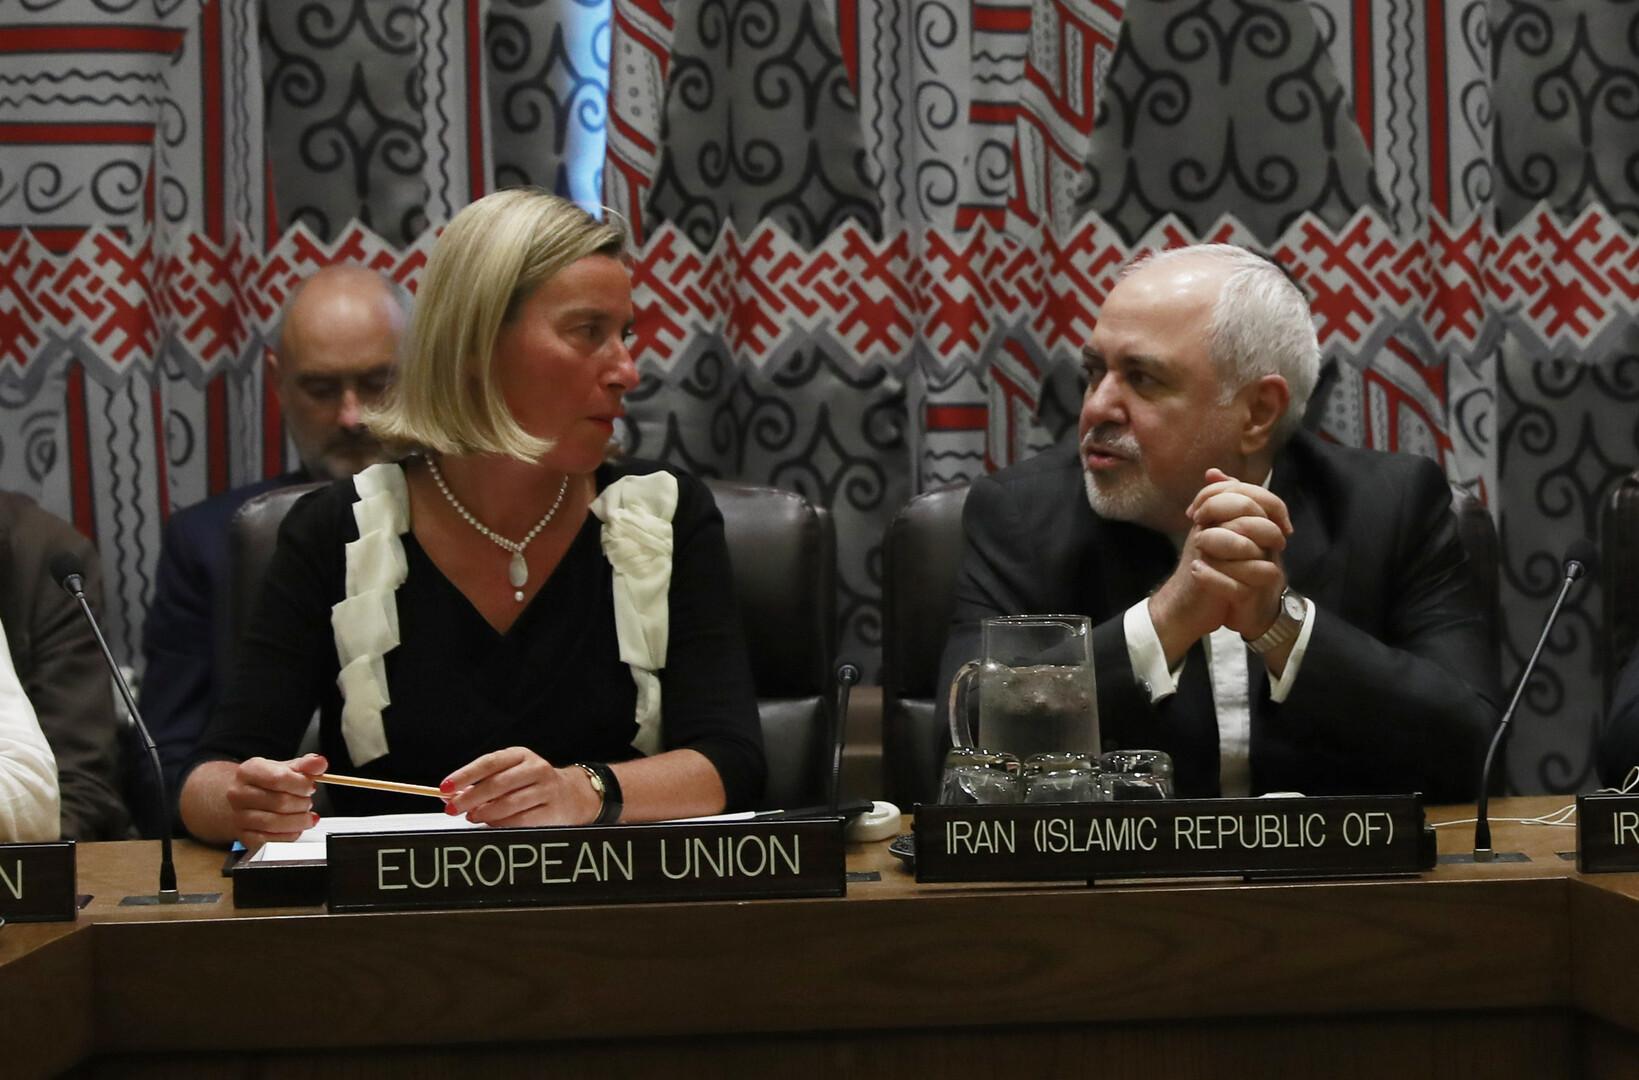 وزير الخارجية الإيراني، محمد جواد ظريف، ومفوضة الاتحاد الأوروبي السامية للسياسة الخارجية، فيديريكا موغيريني، خلال اجتماع للدول المشاركة في الاتفاق النووي مع إيران (نيويورك، 25 سبتمبر 2019)